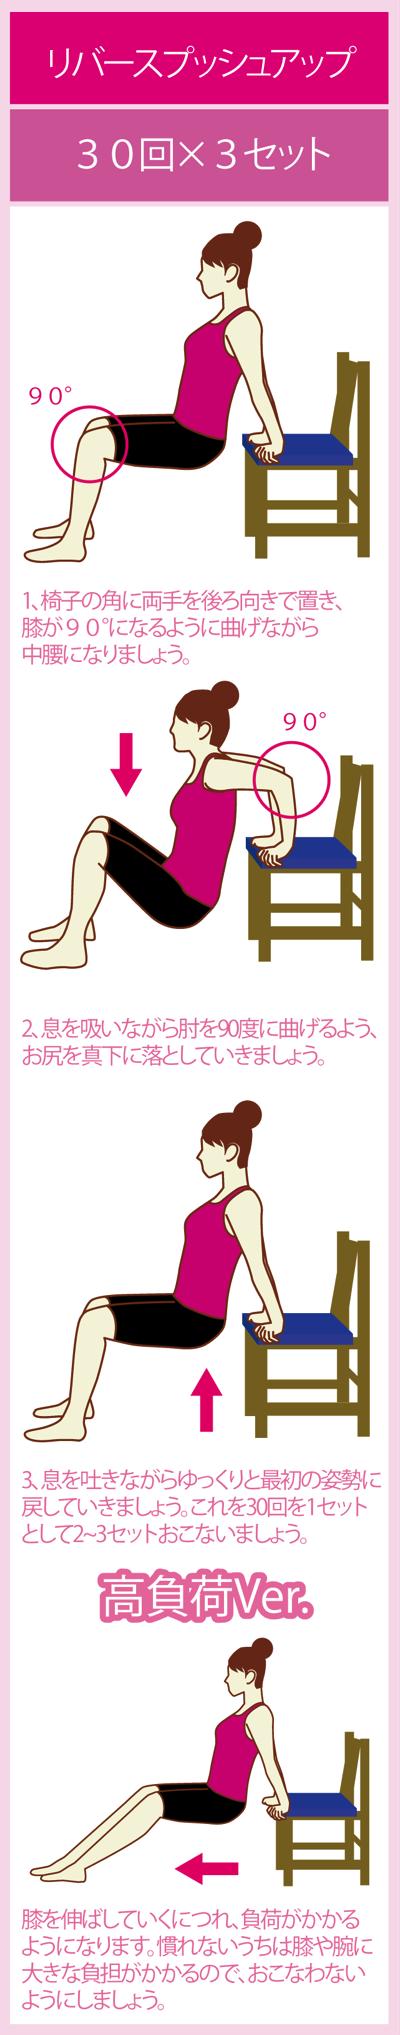 リバースプッシュアップで二の腕痩せを実現する筋トレ